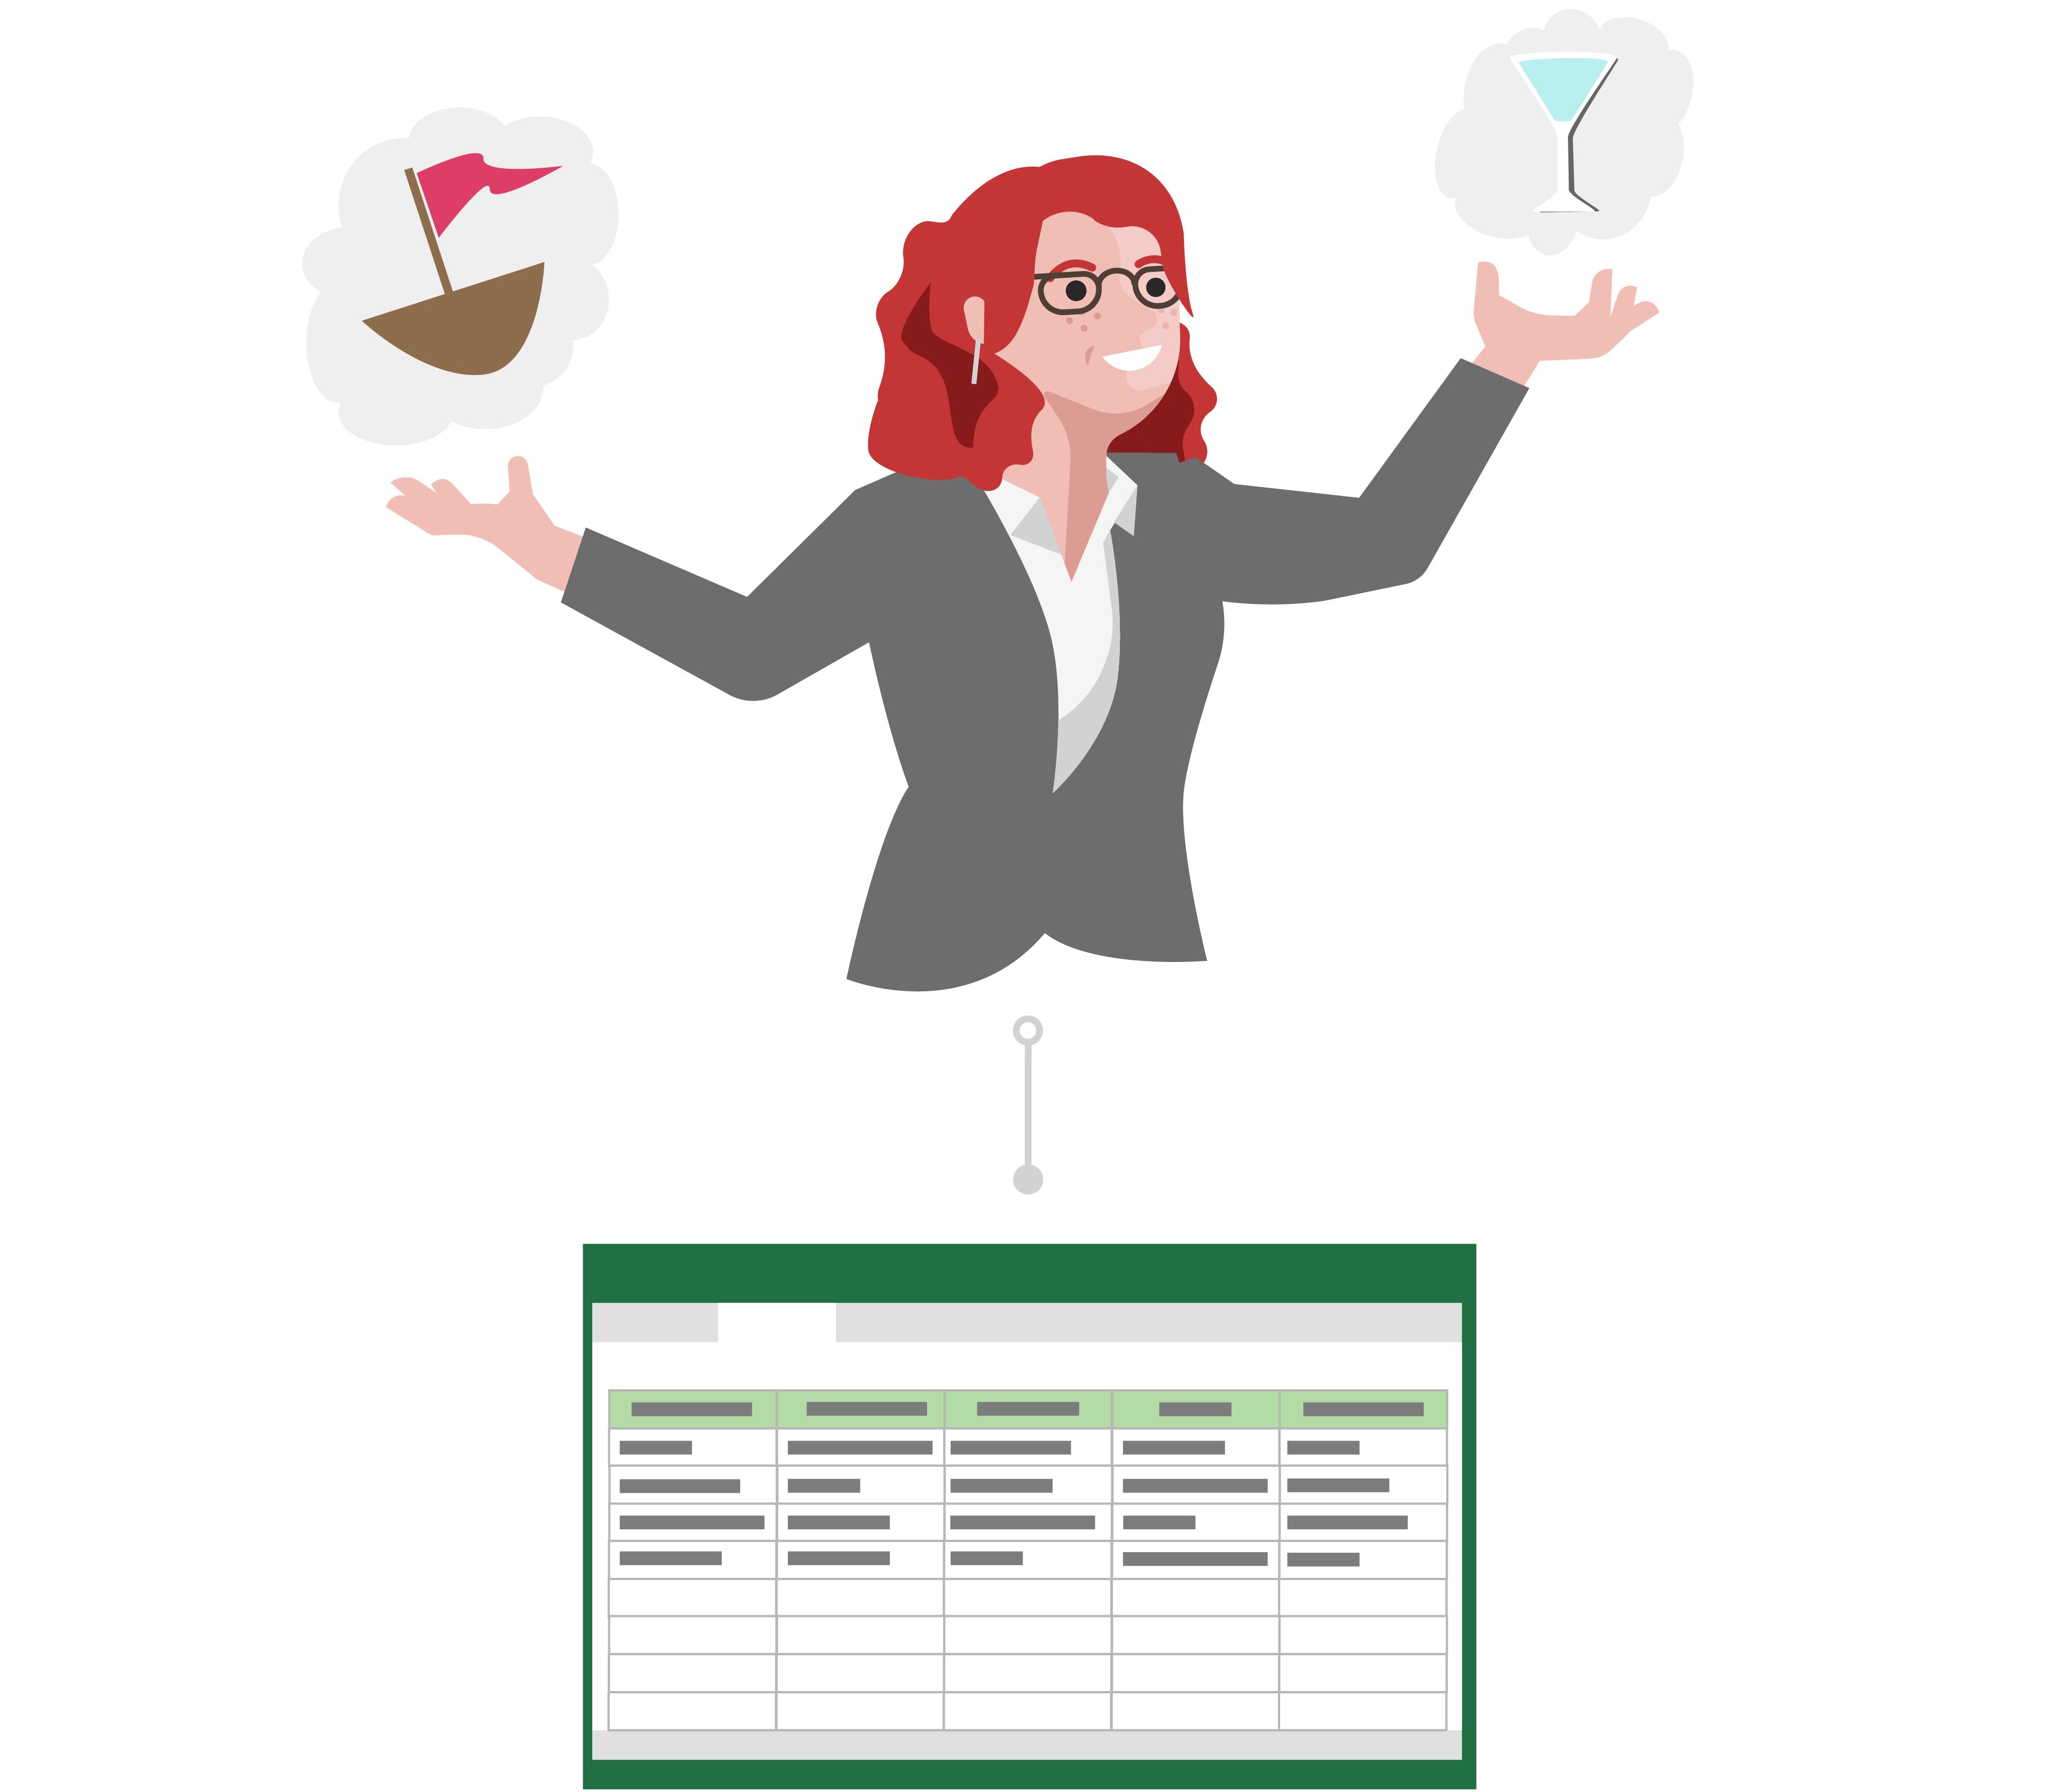 Linda vajab oma ideede kohta tagasisidet, nii et ta loob arvutustabeli ja salvestab selle pilve.